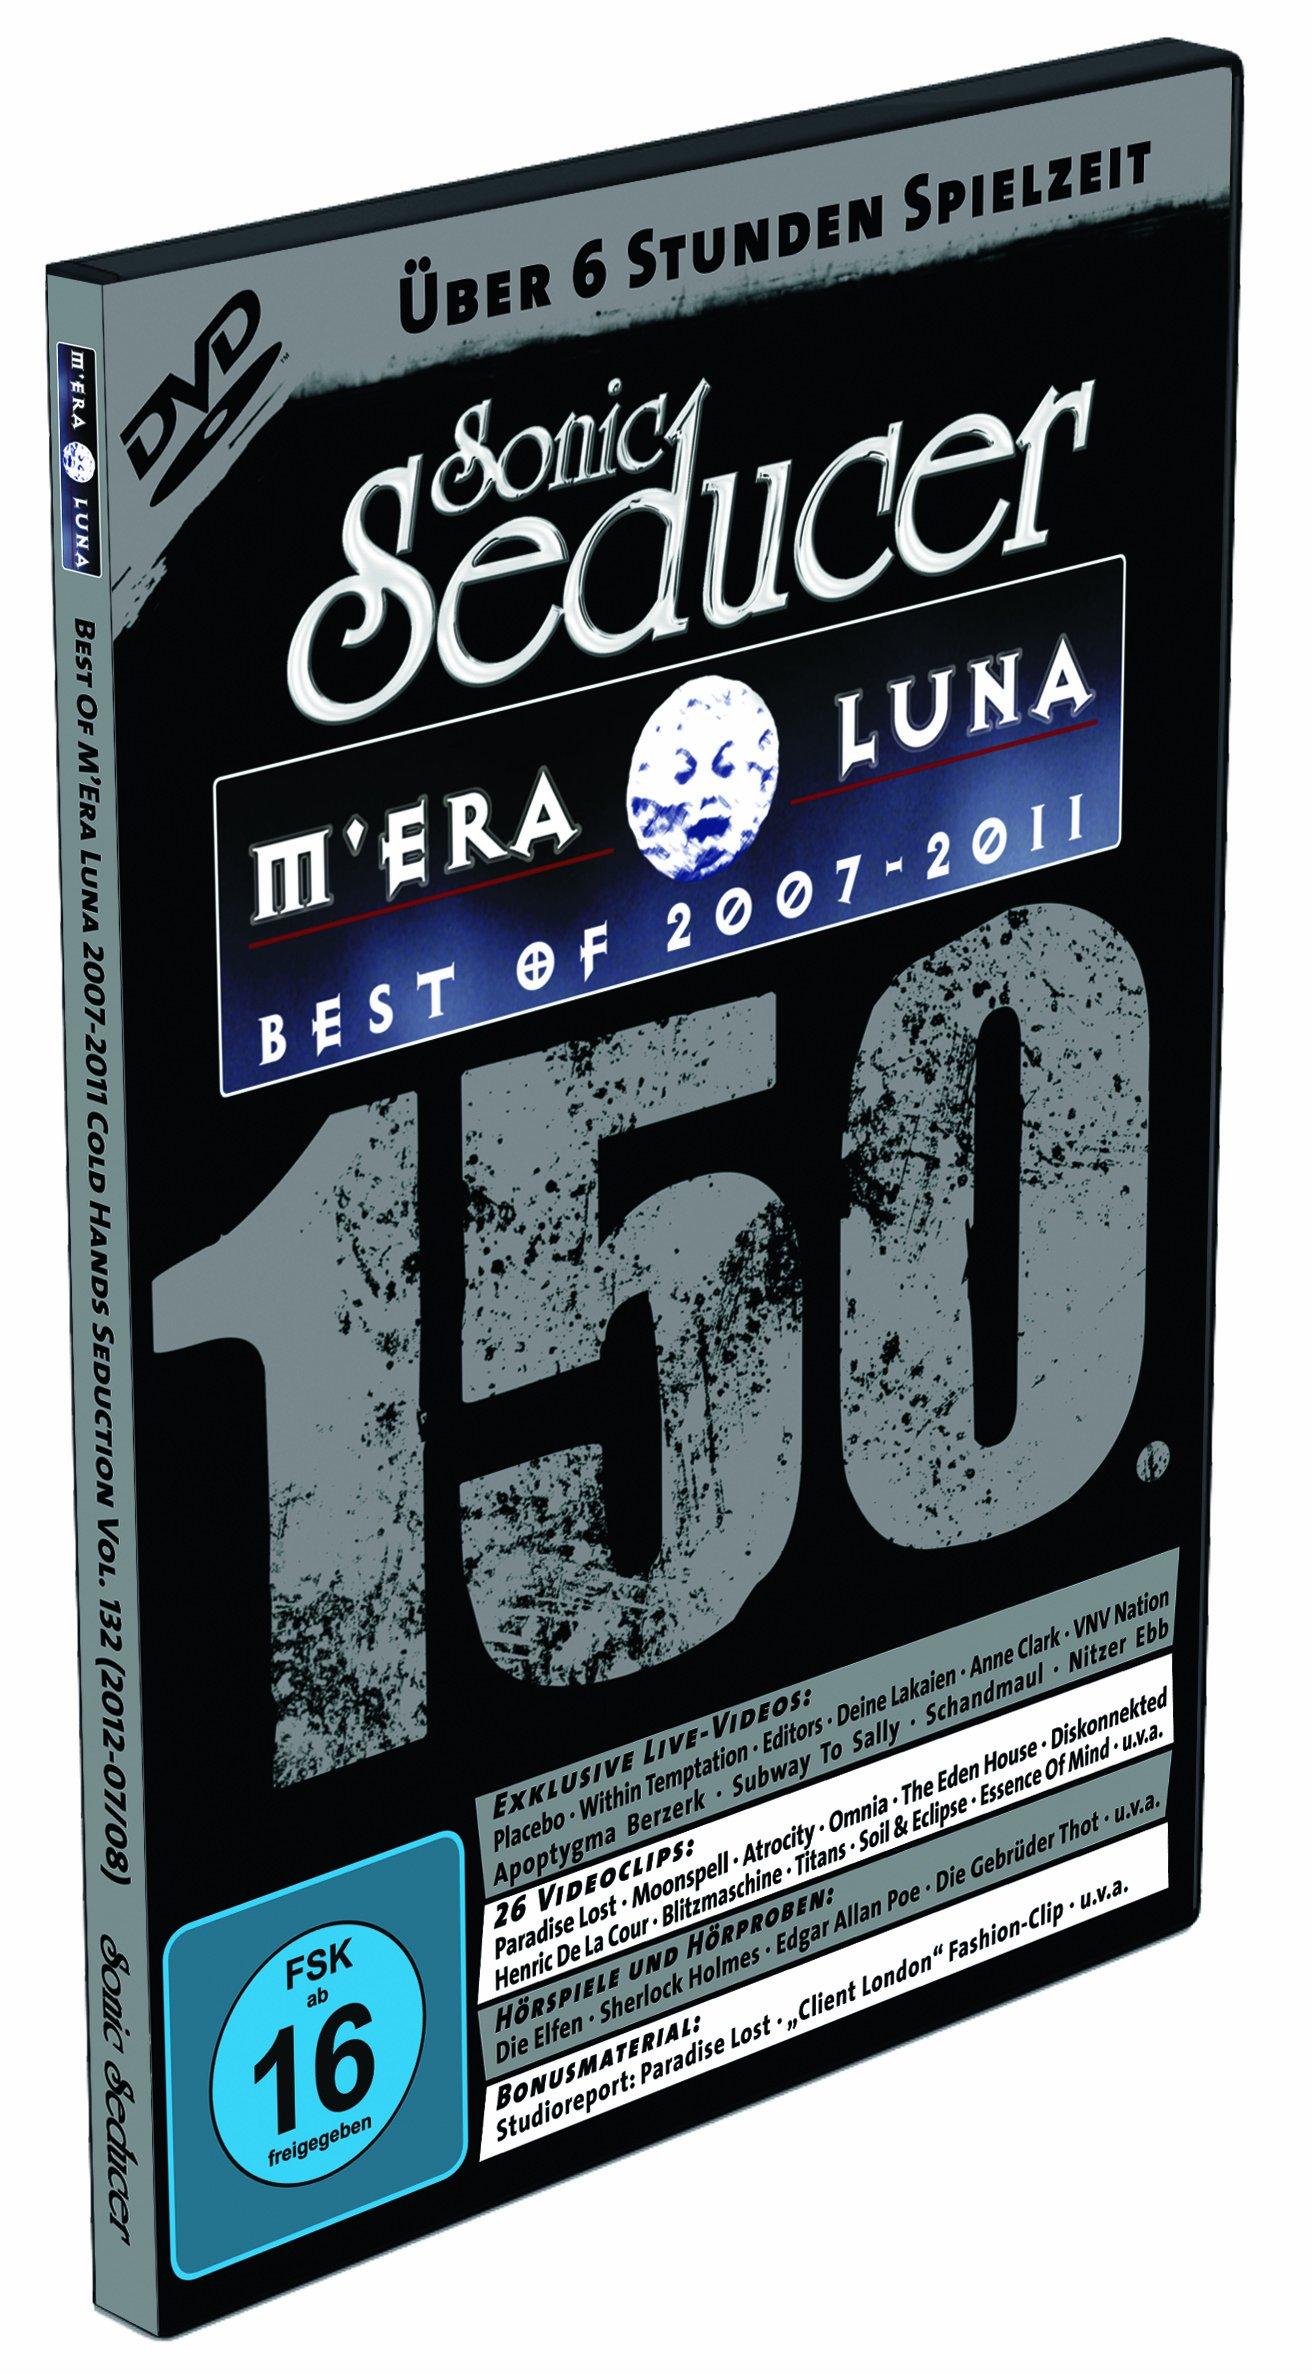 DVD: Best Of M'Era Luna 2007-2011 + 150. Sonic-Seducer-Ausgabe 07-08/12 mit Emilie-Autumn-Titelstor